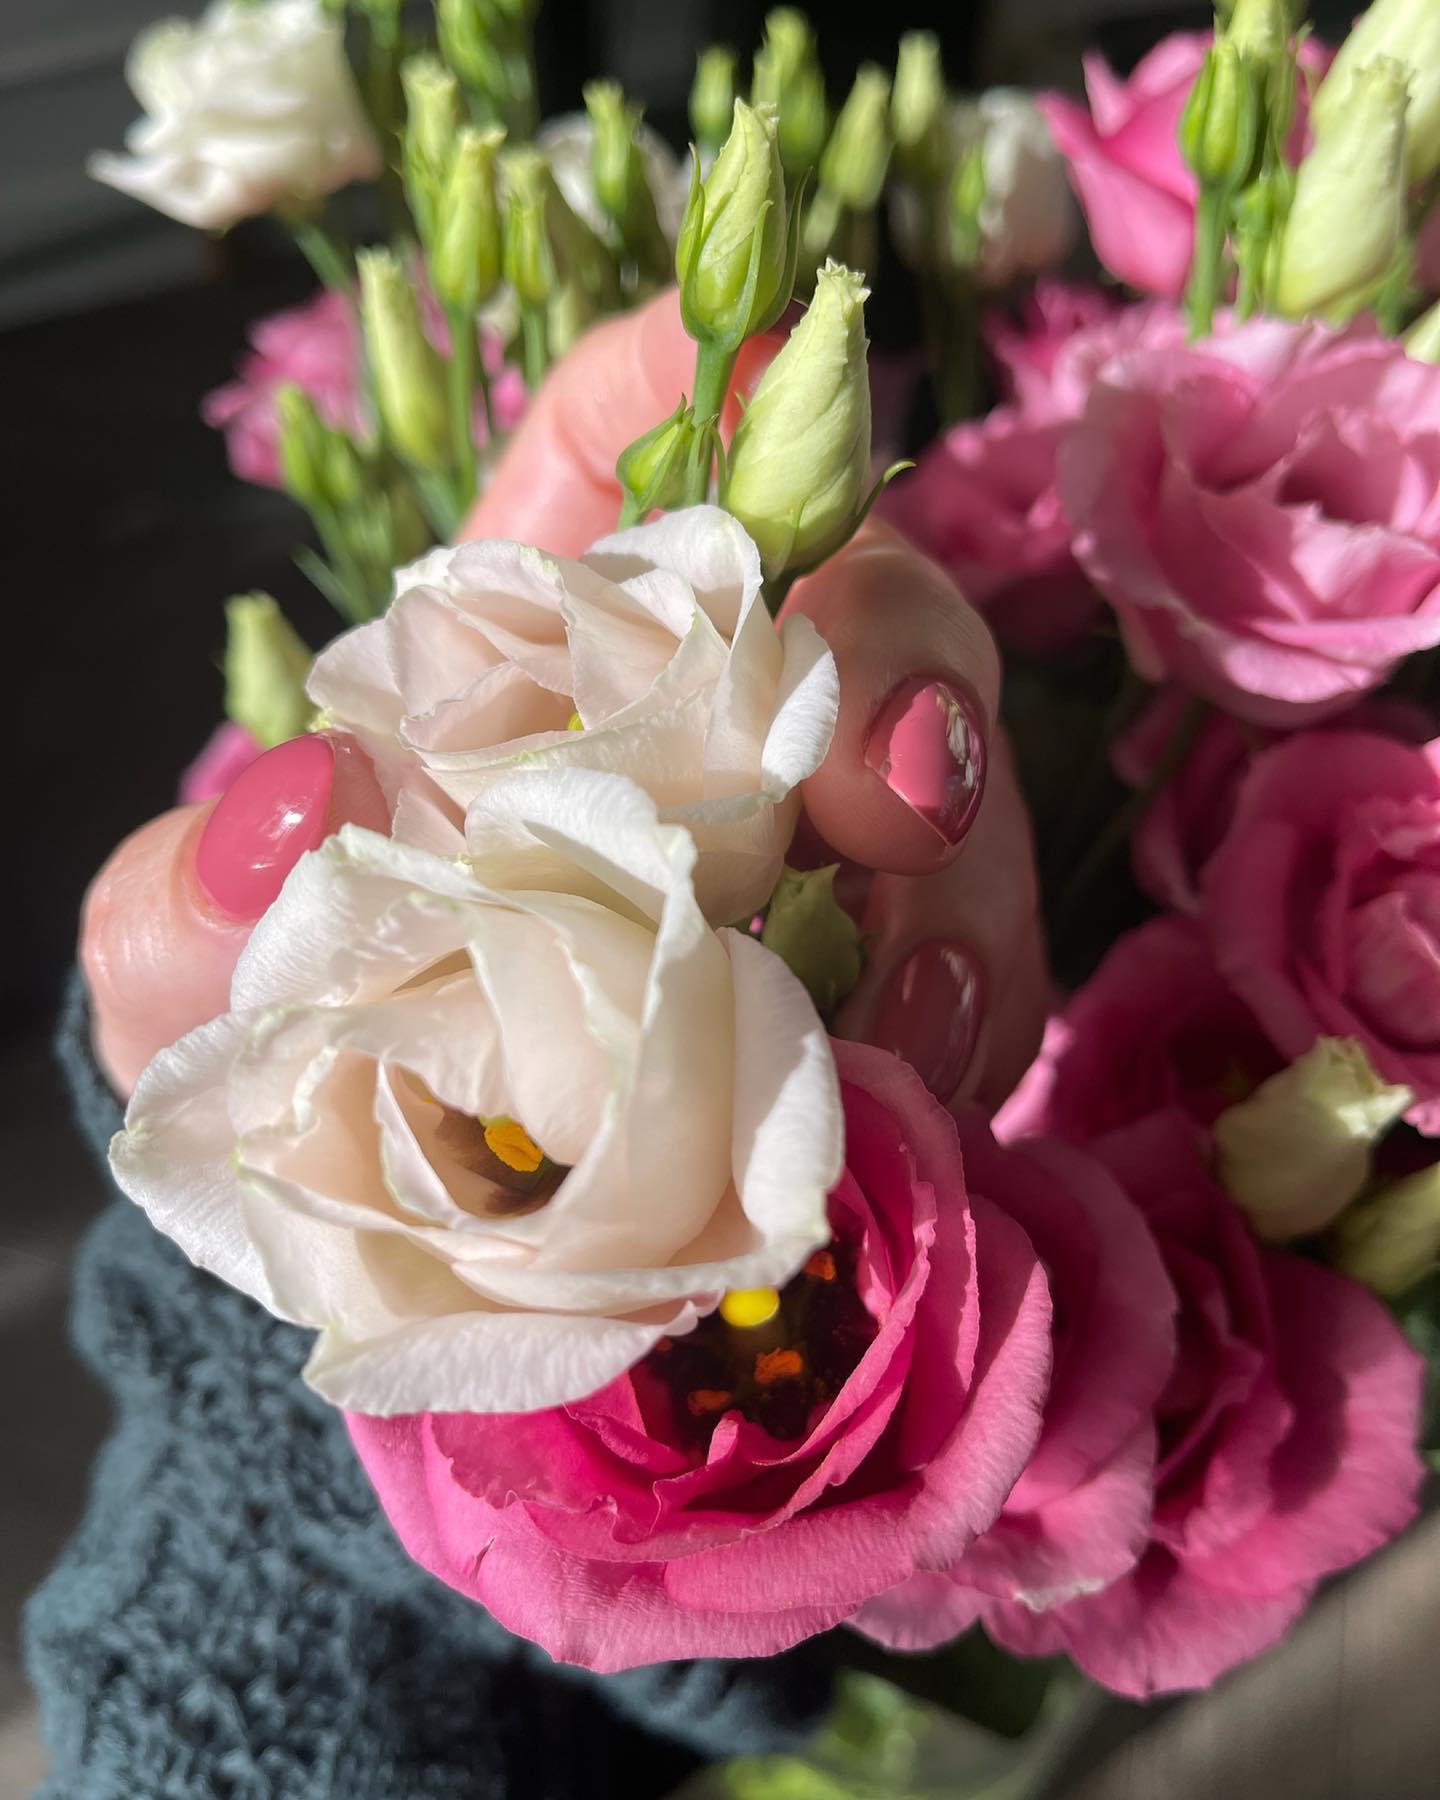 Kwiaty w domu. Mam zawsze. Uwielbiam się nimi otaczać. Patrzeć na ich doskonałość i przemijalność…